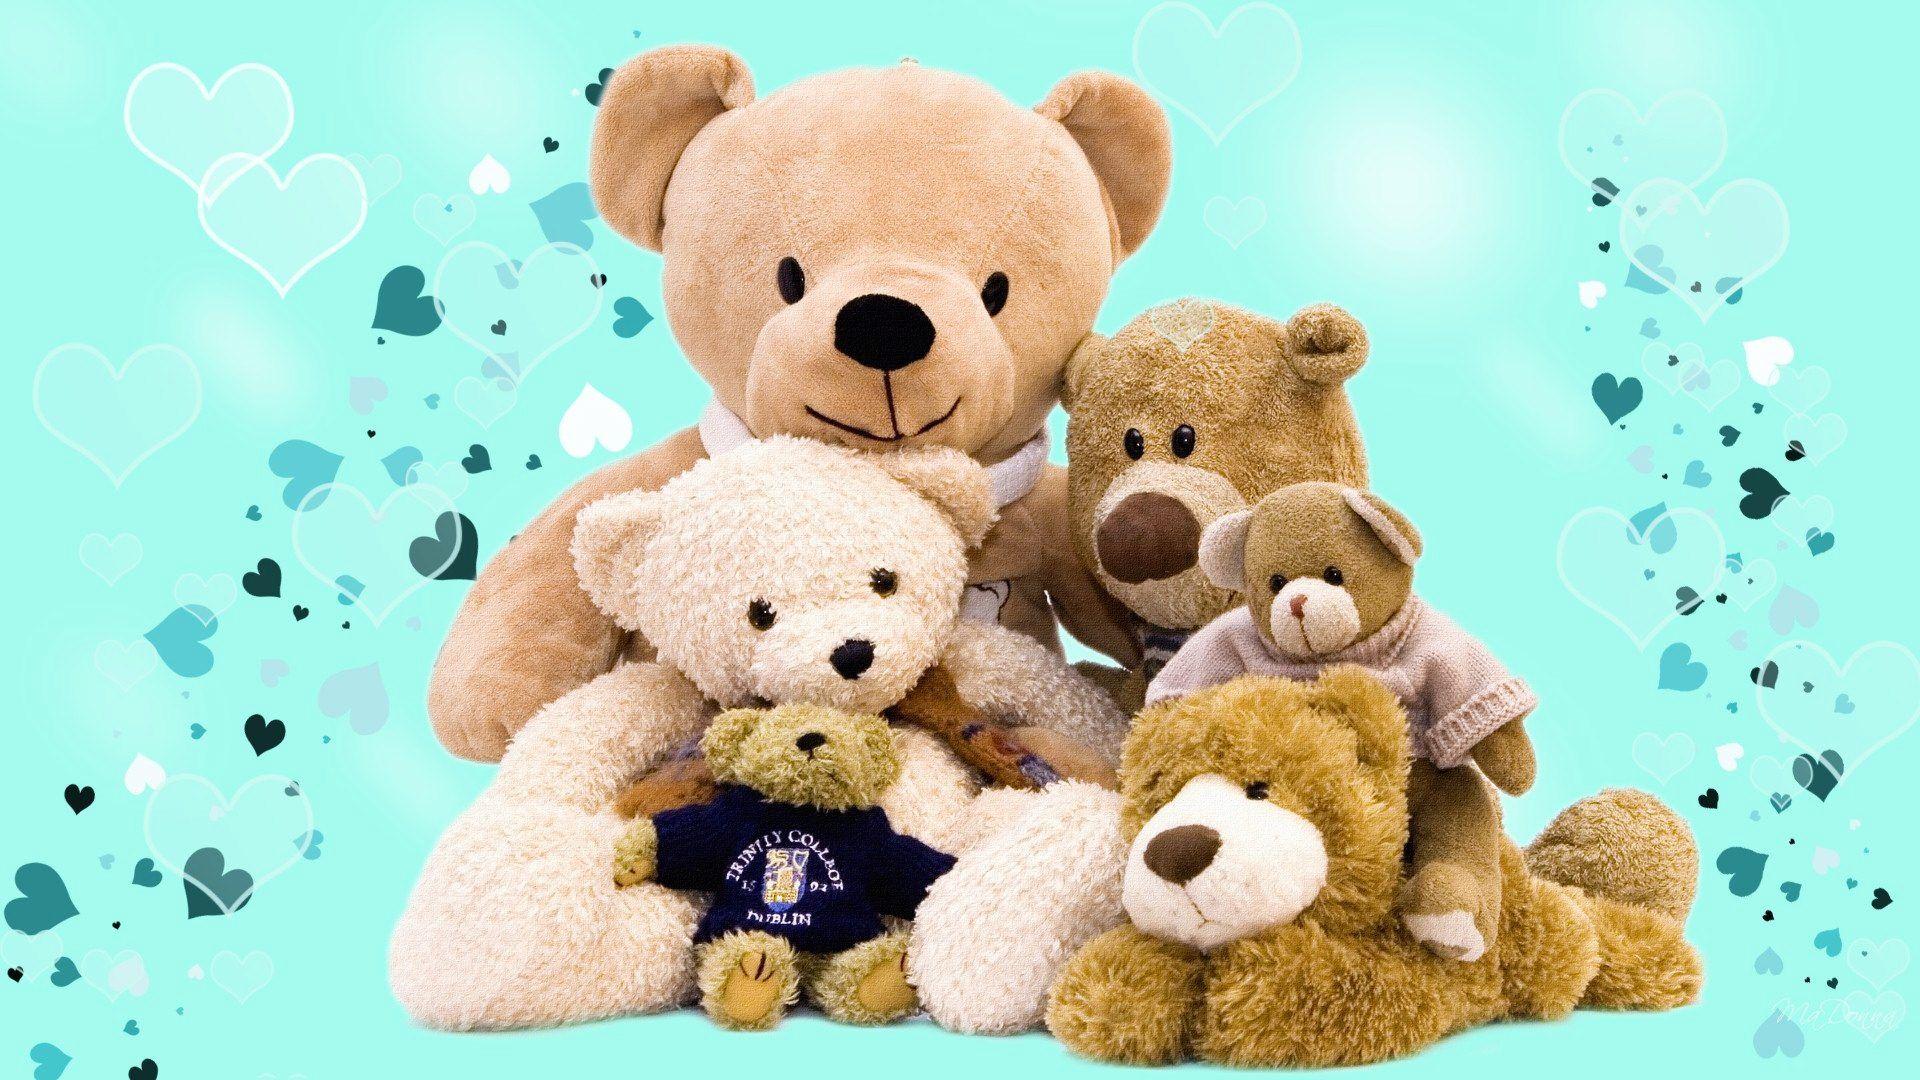 Teddy Bear Family Lovely Wallpapers 1080p Full Hd